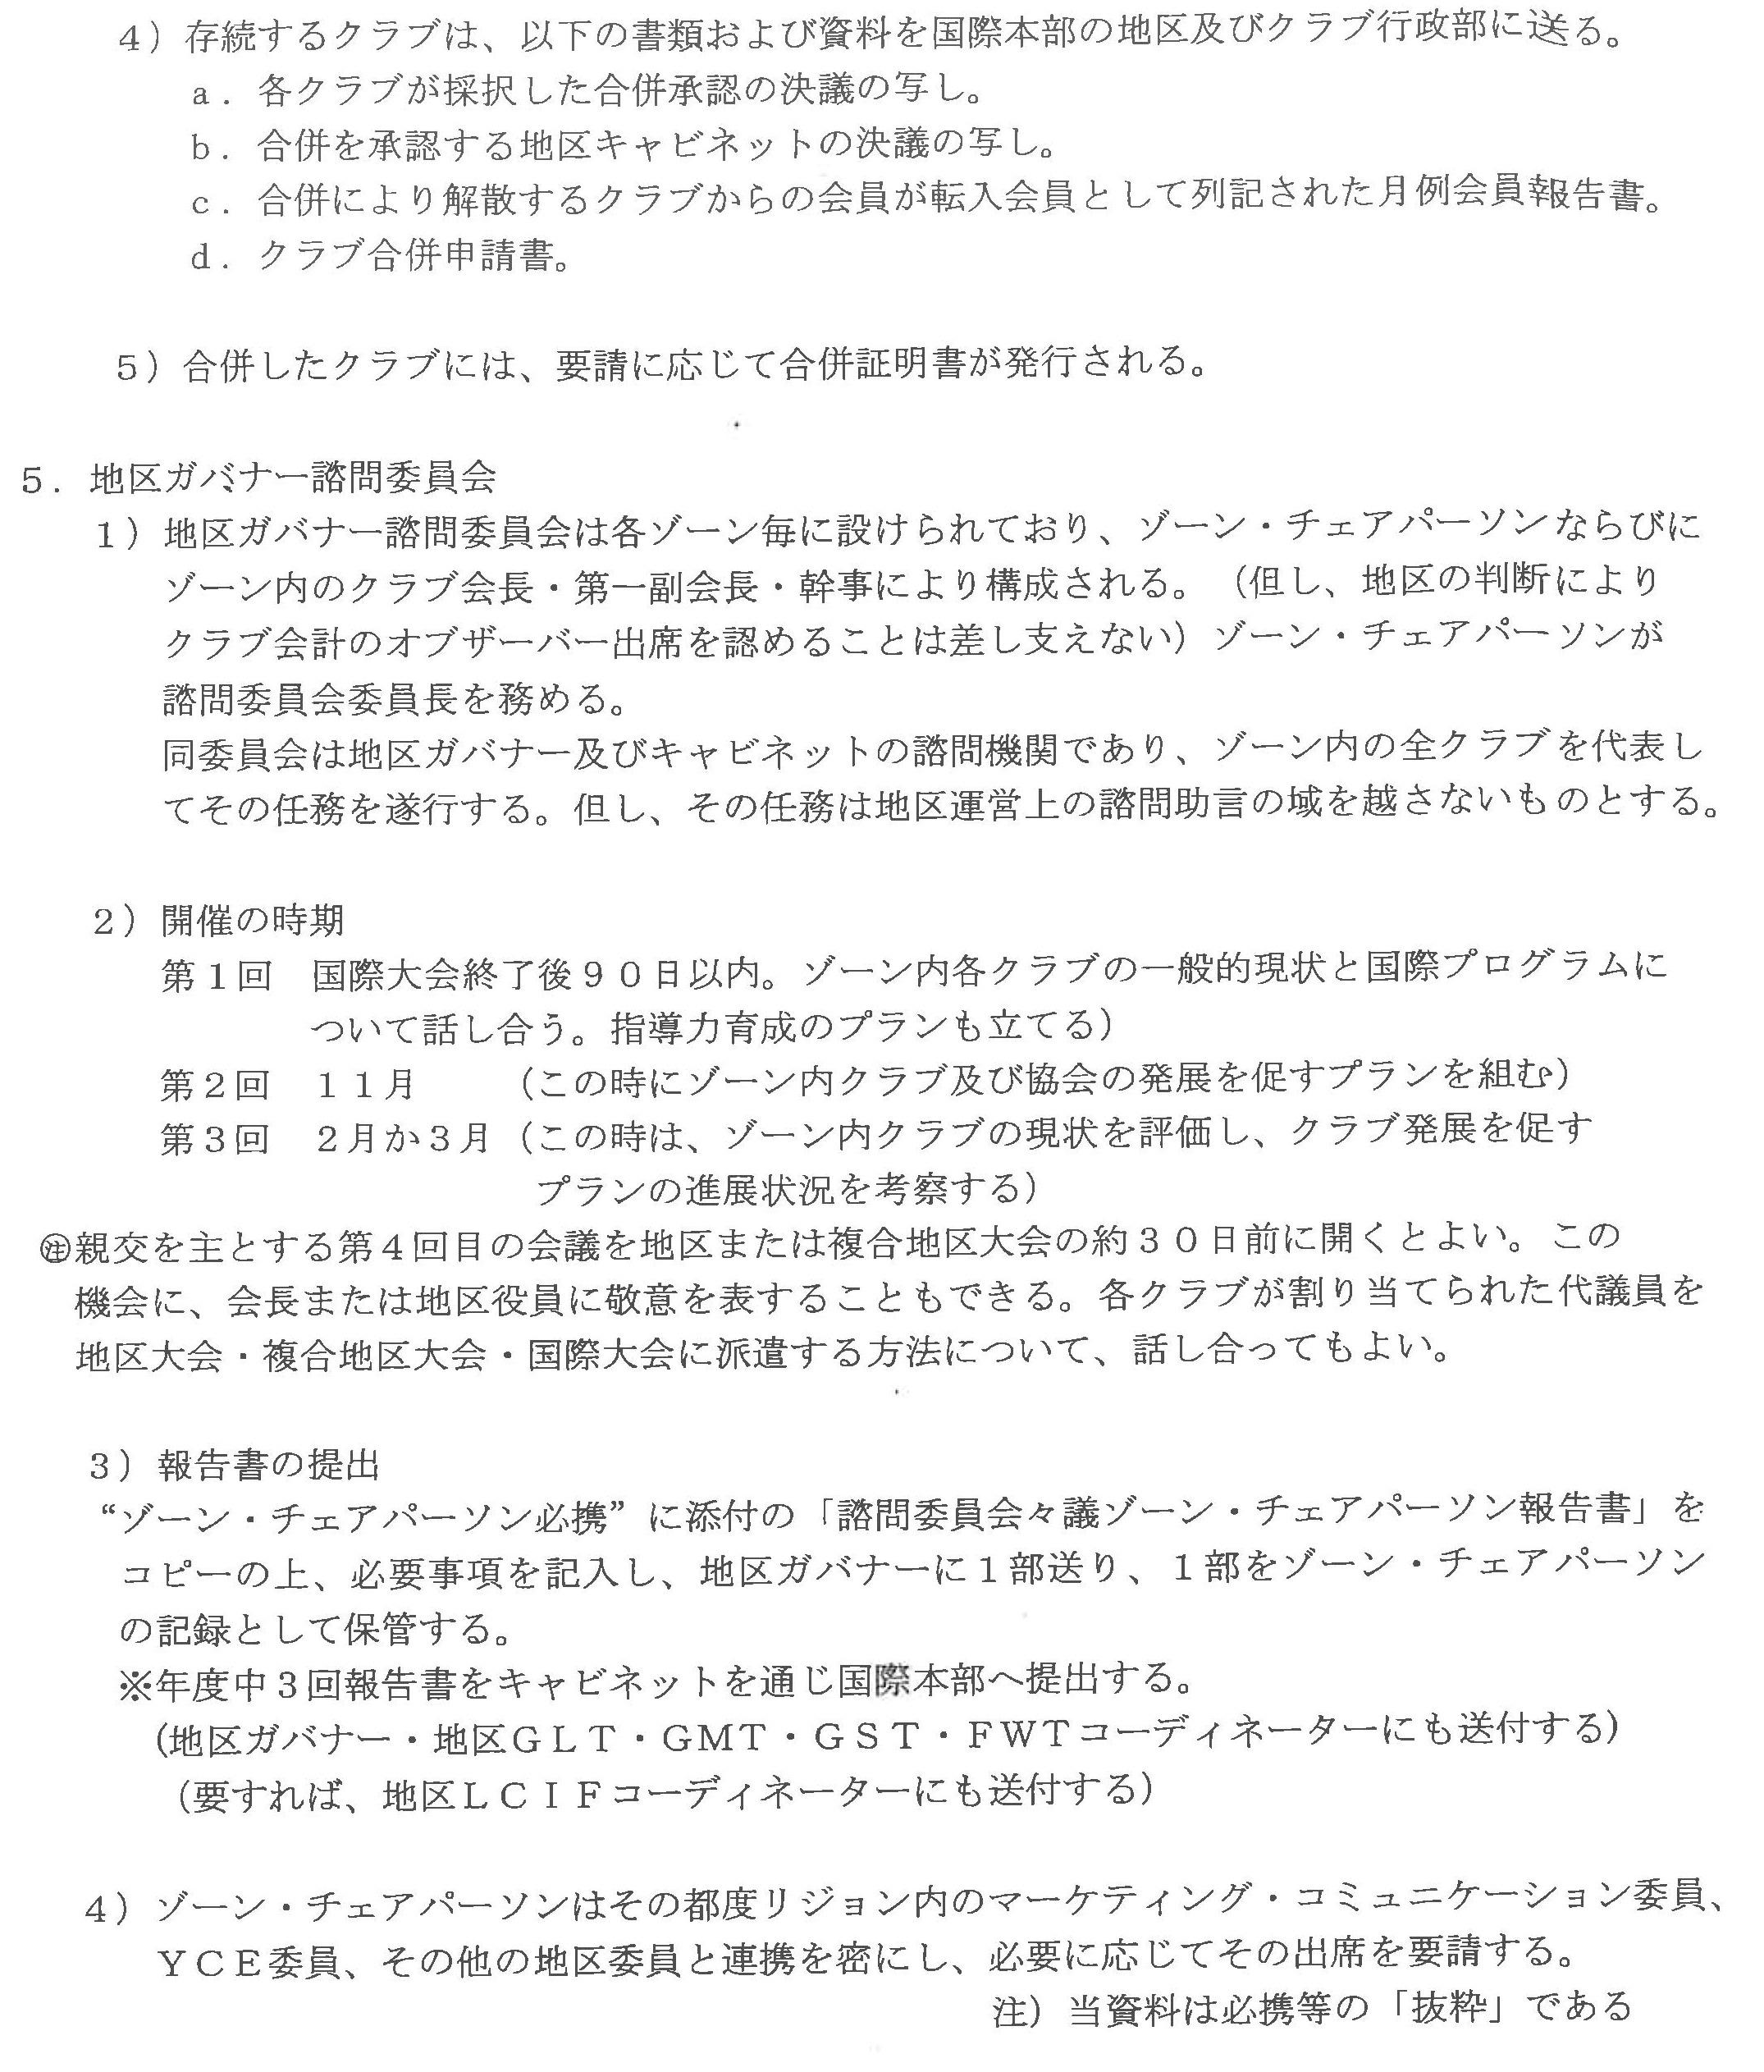 25第1回G諮問委員会Z会議 今年度の地区運営方針(案)1